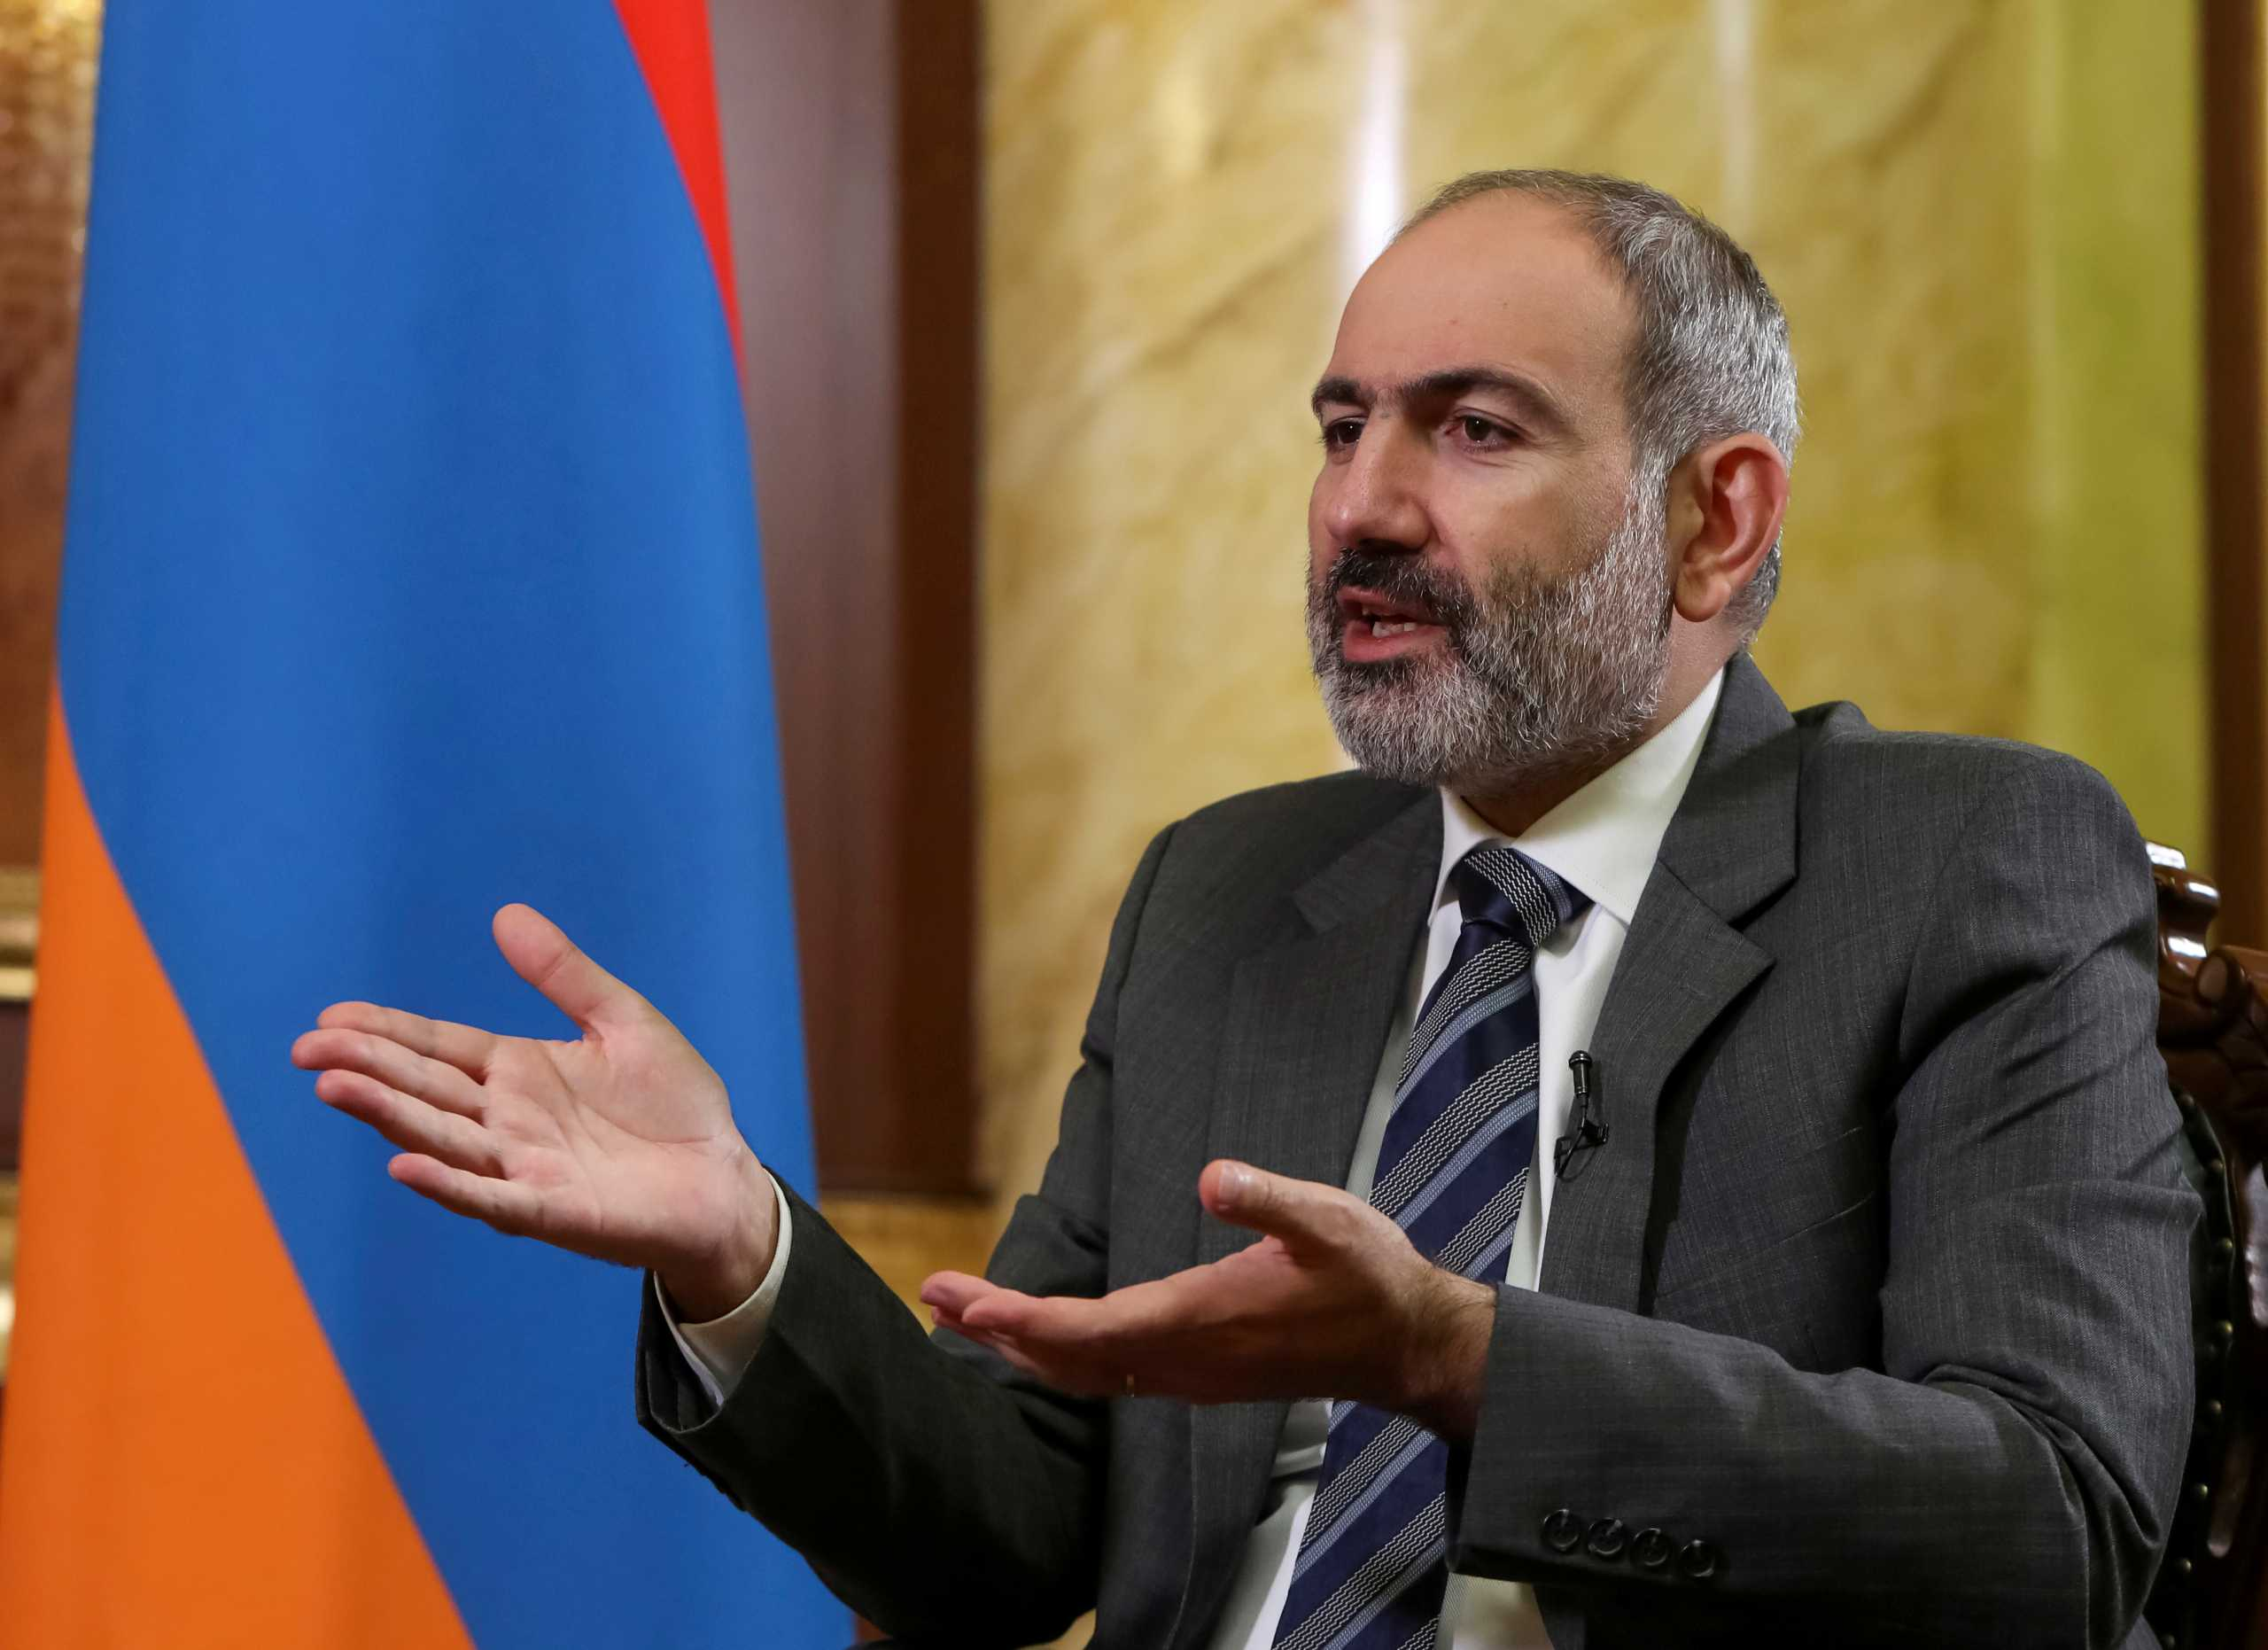 Αρμενία: Ο πρωθυπουργός ανακοίνωσε πρόωρες βουλευτικές εκλογές στις 20 Ιουνίου